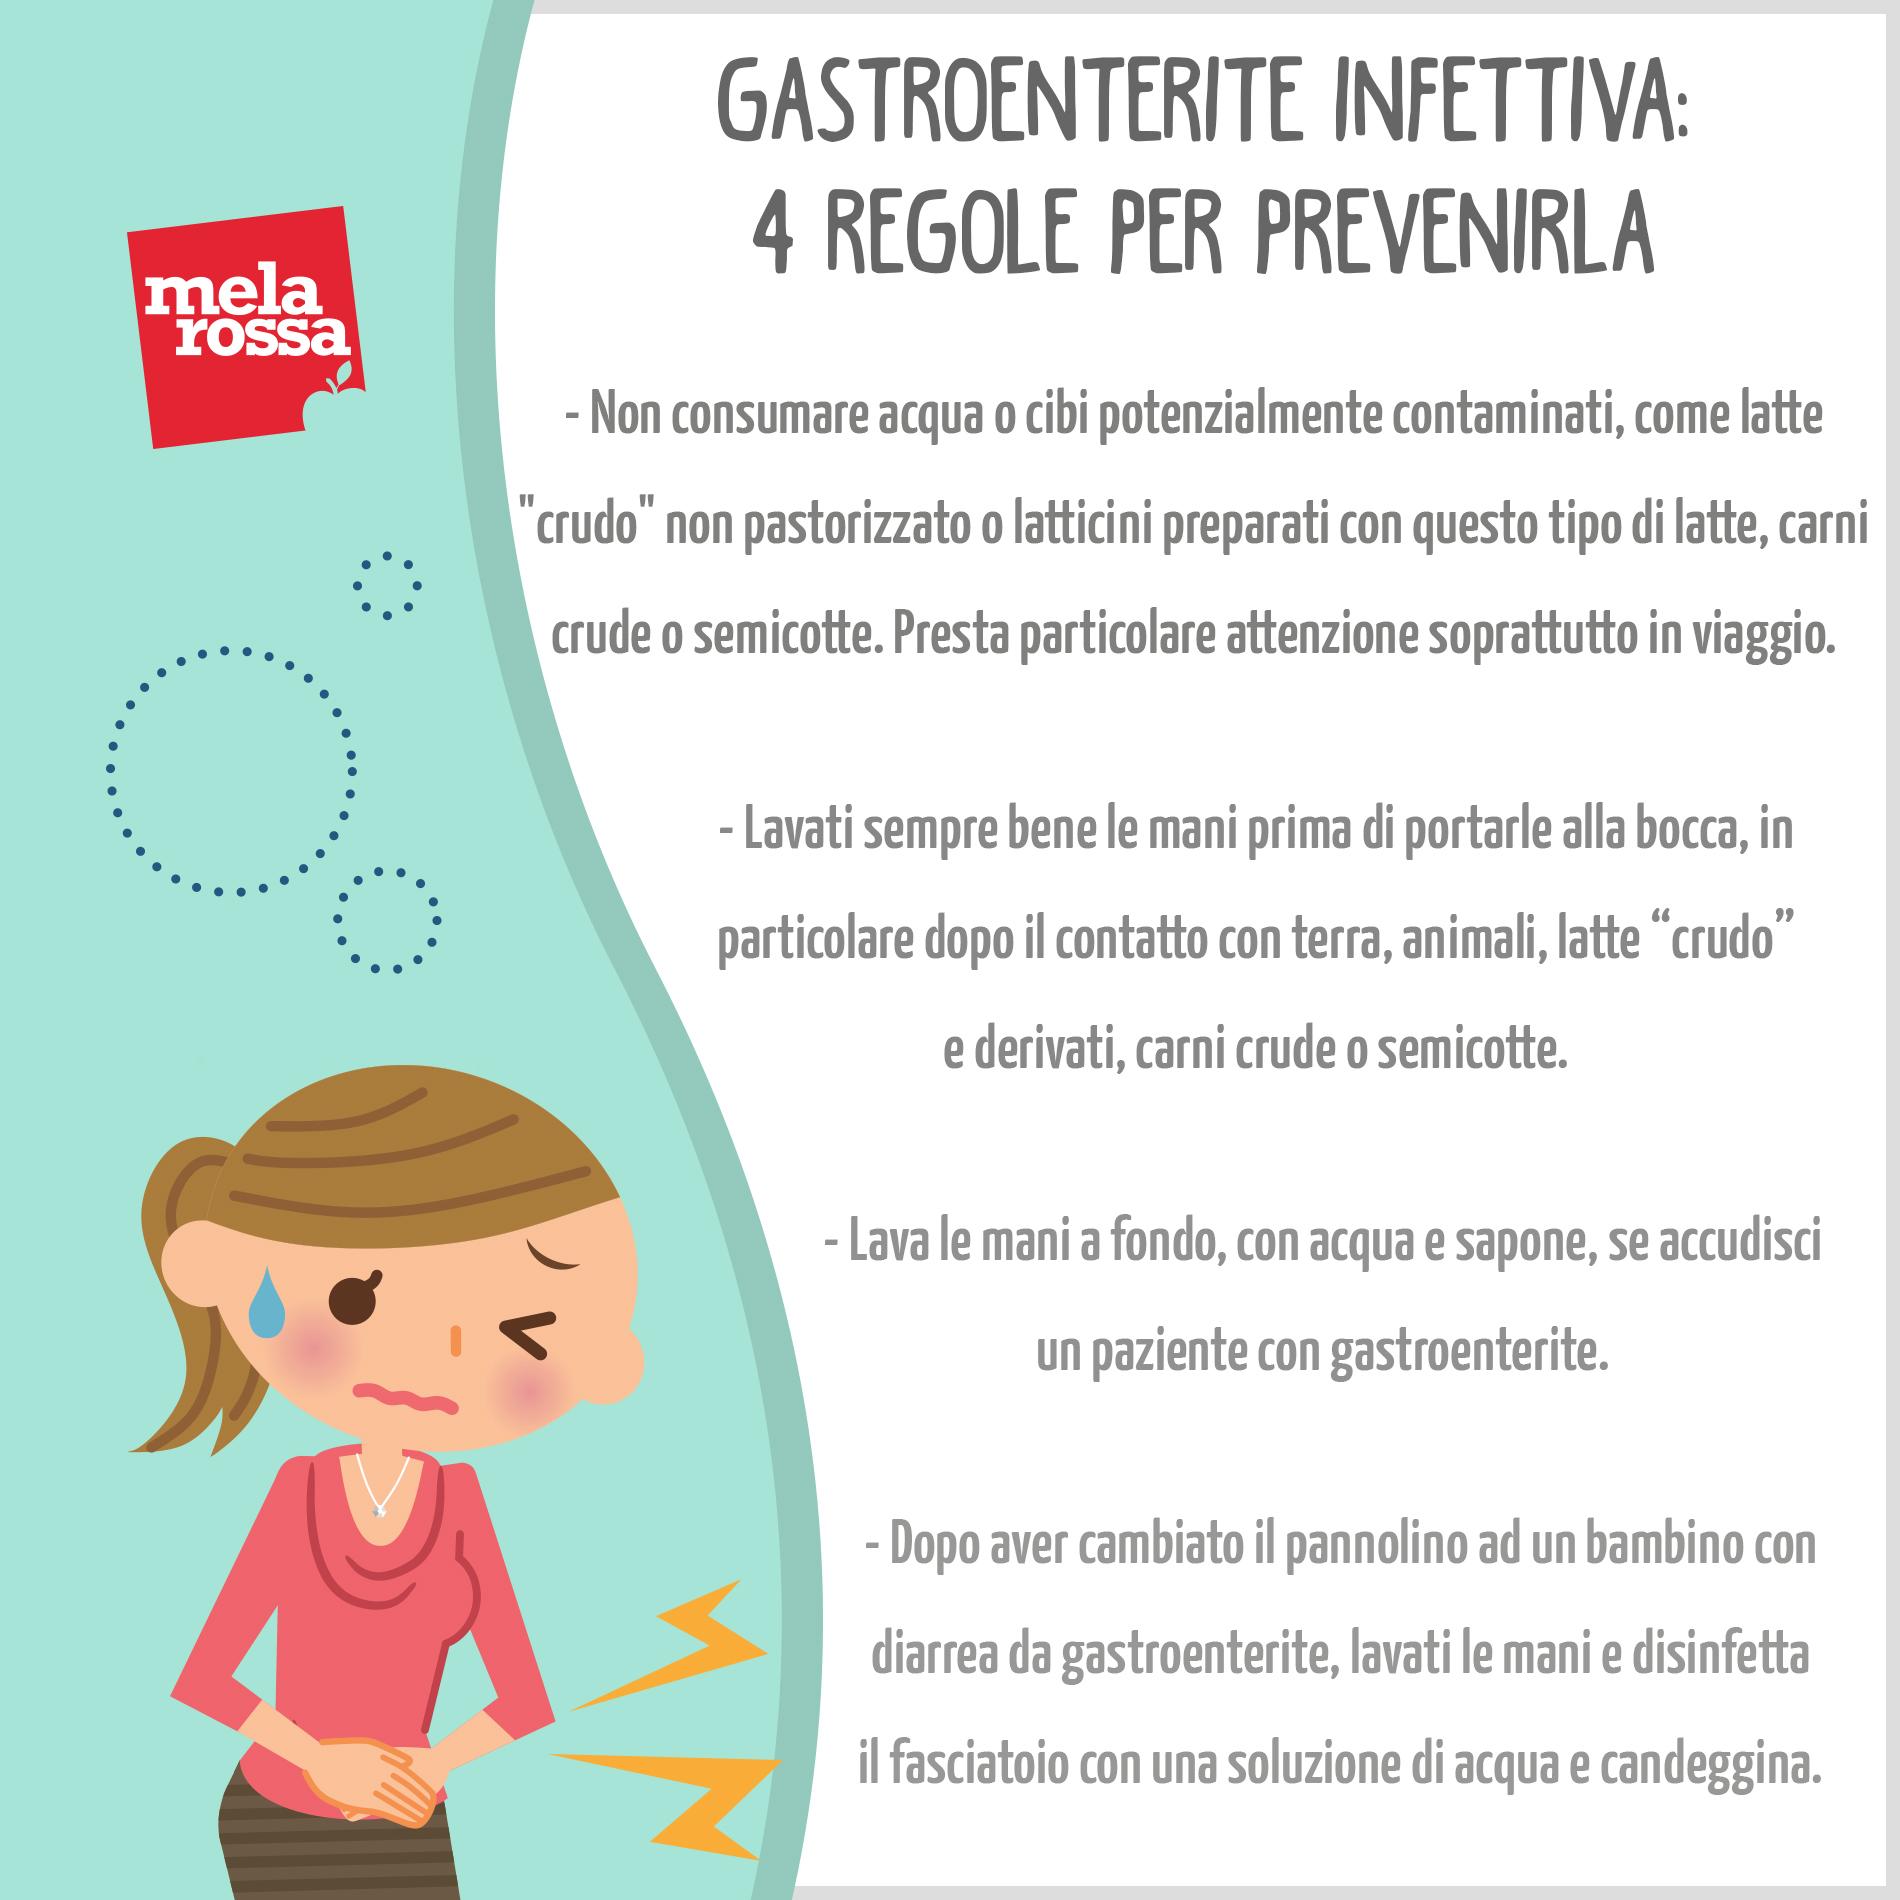 Gastroenterite infettiva: 4 regole per prevenirla